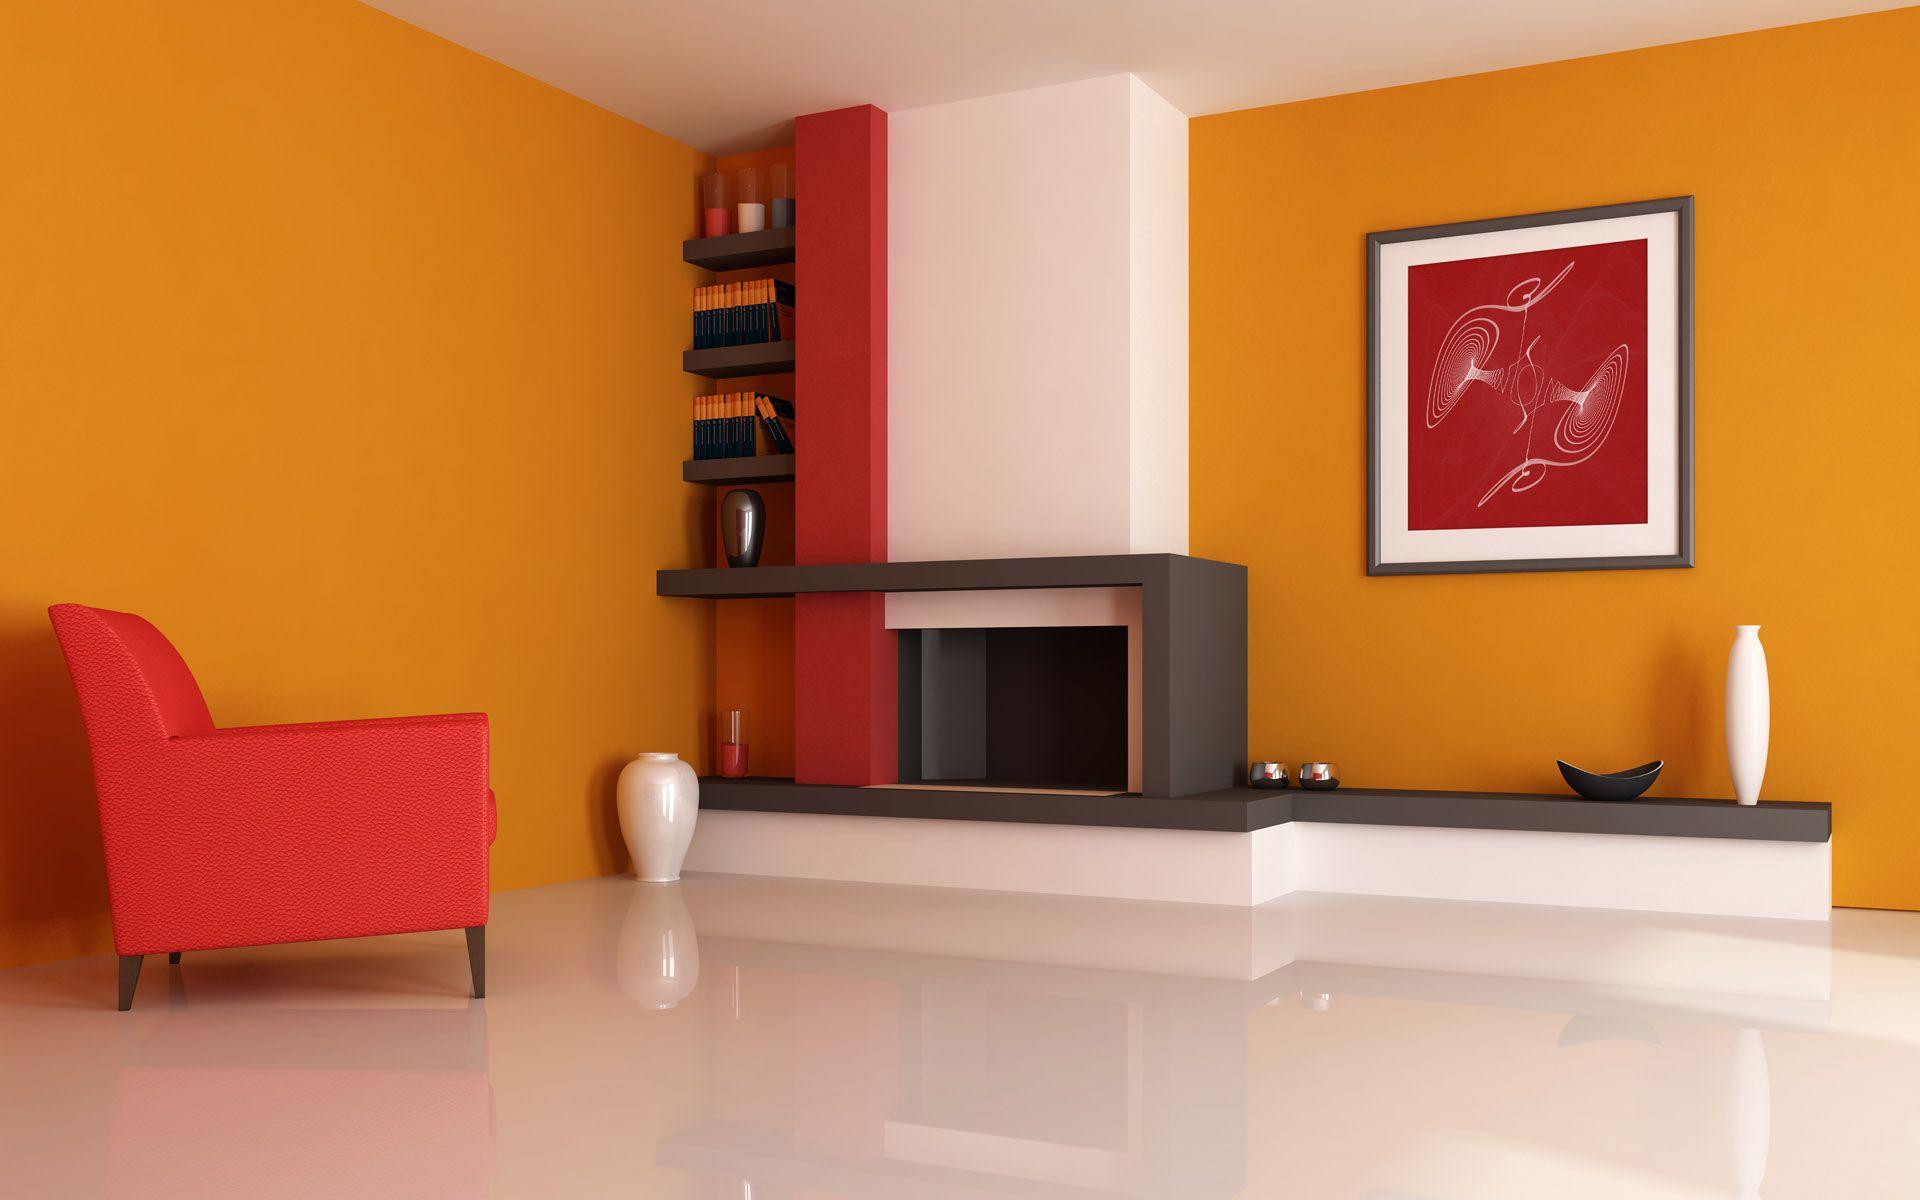 Tus muebles rojos quedarn increbles con paredes naranjas